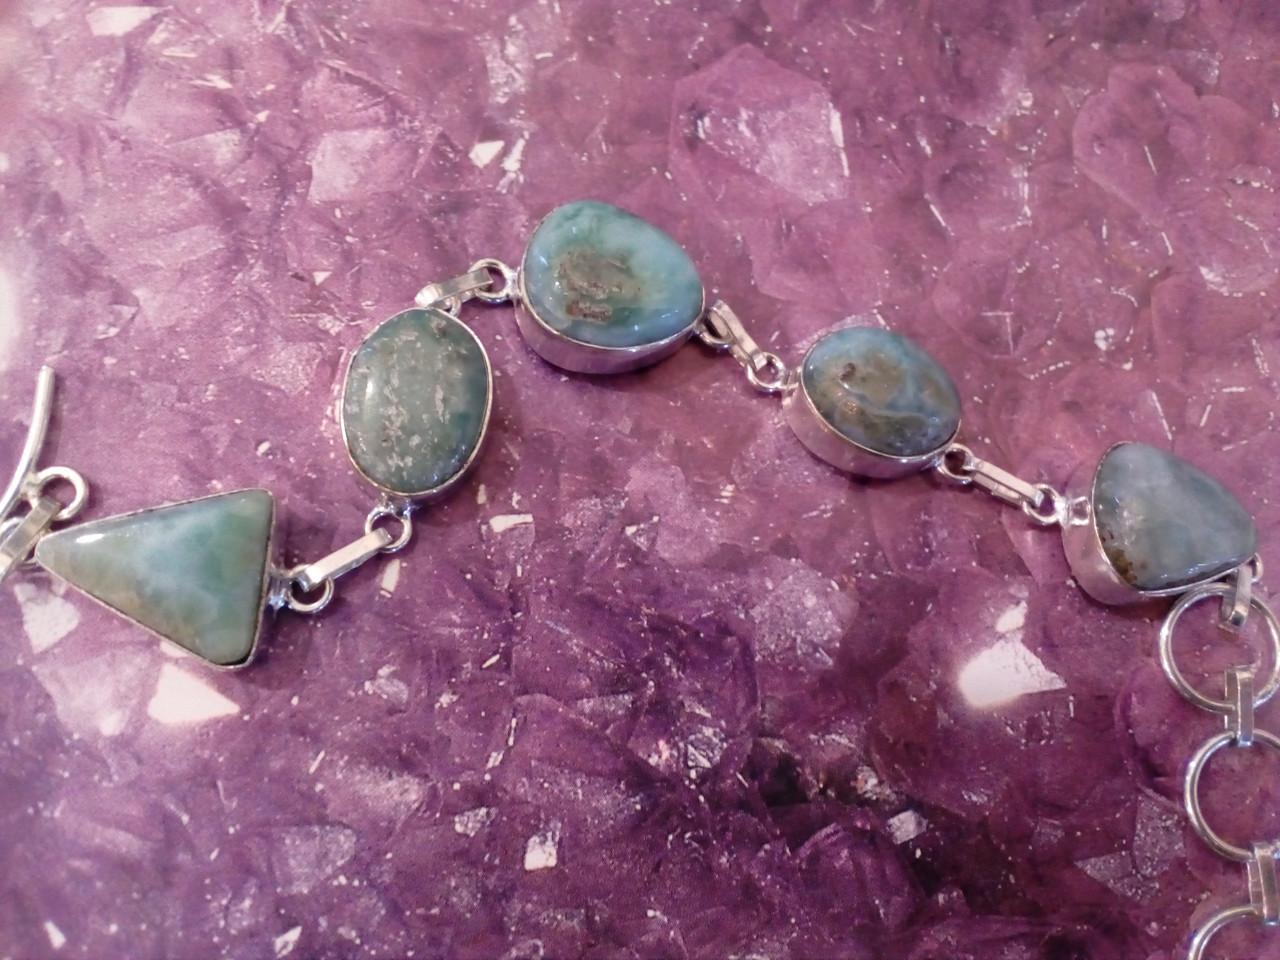 Красивый браслет с ларимаром. Браслет - природный ларимар (Доминиканская бирюза) в серебре.